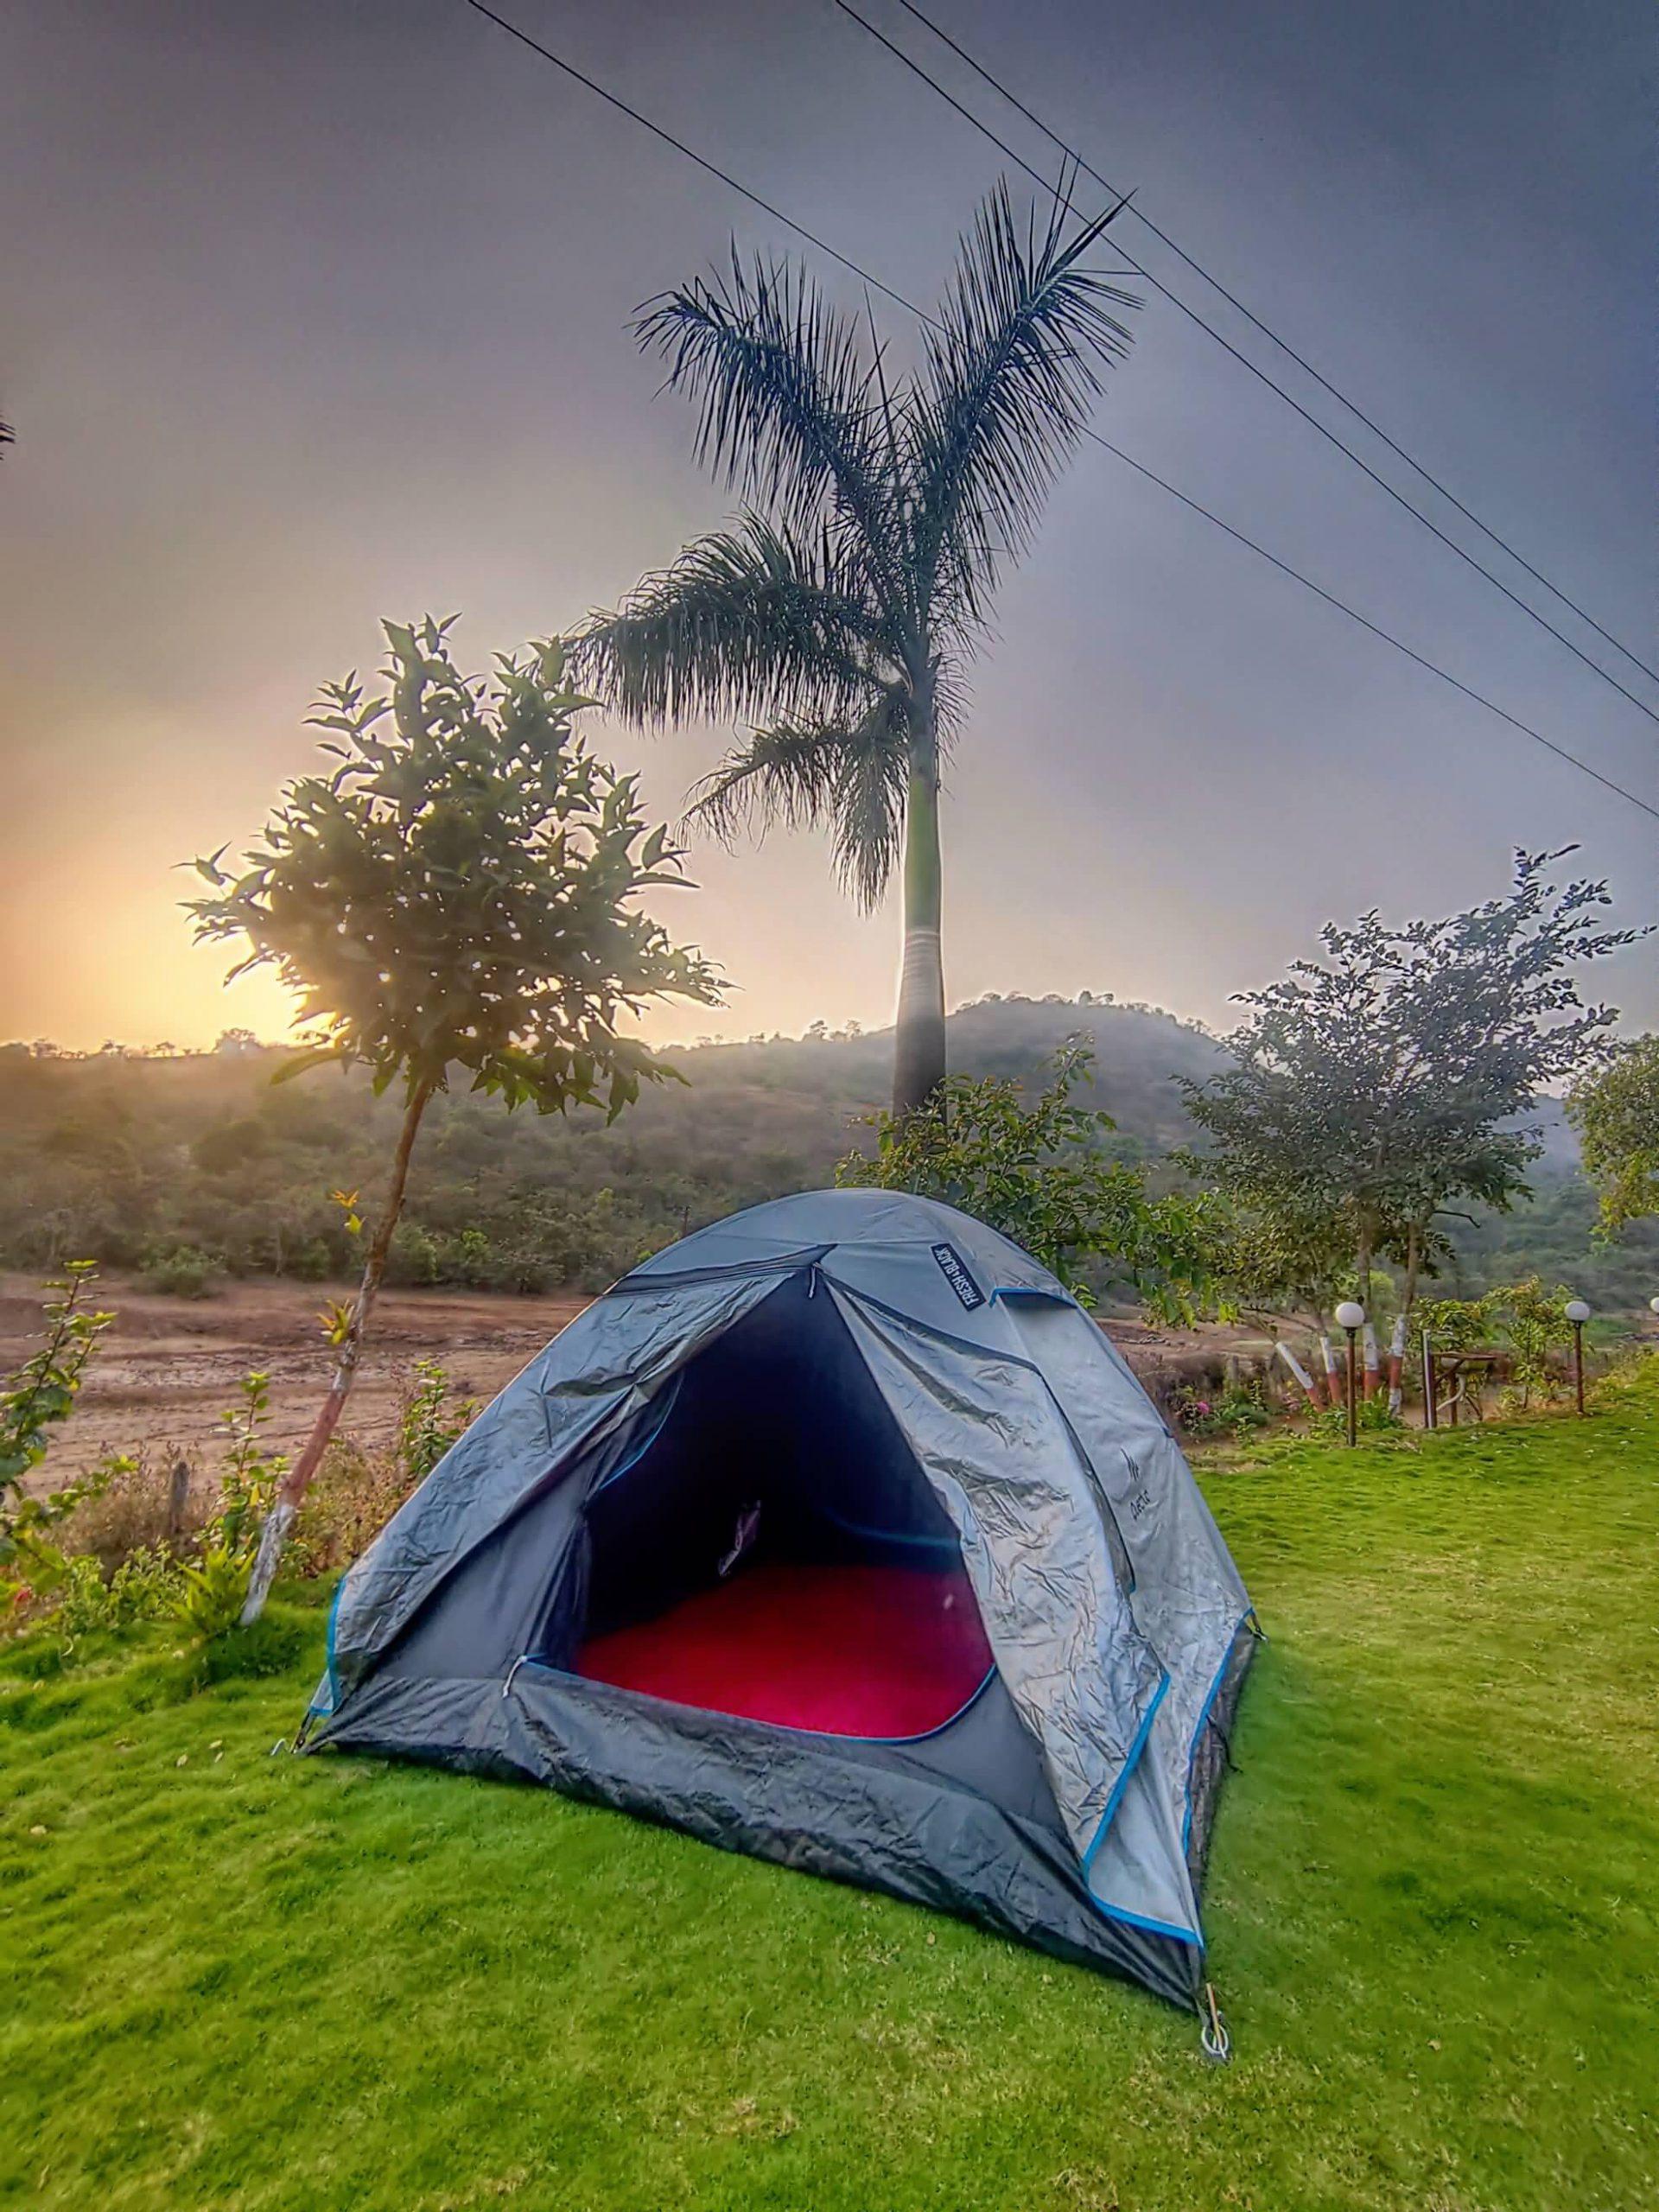 Pawna Lake Camping at HAVE Villas JMD Farm